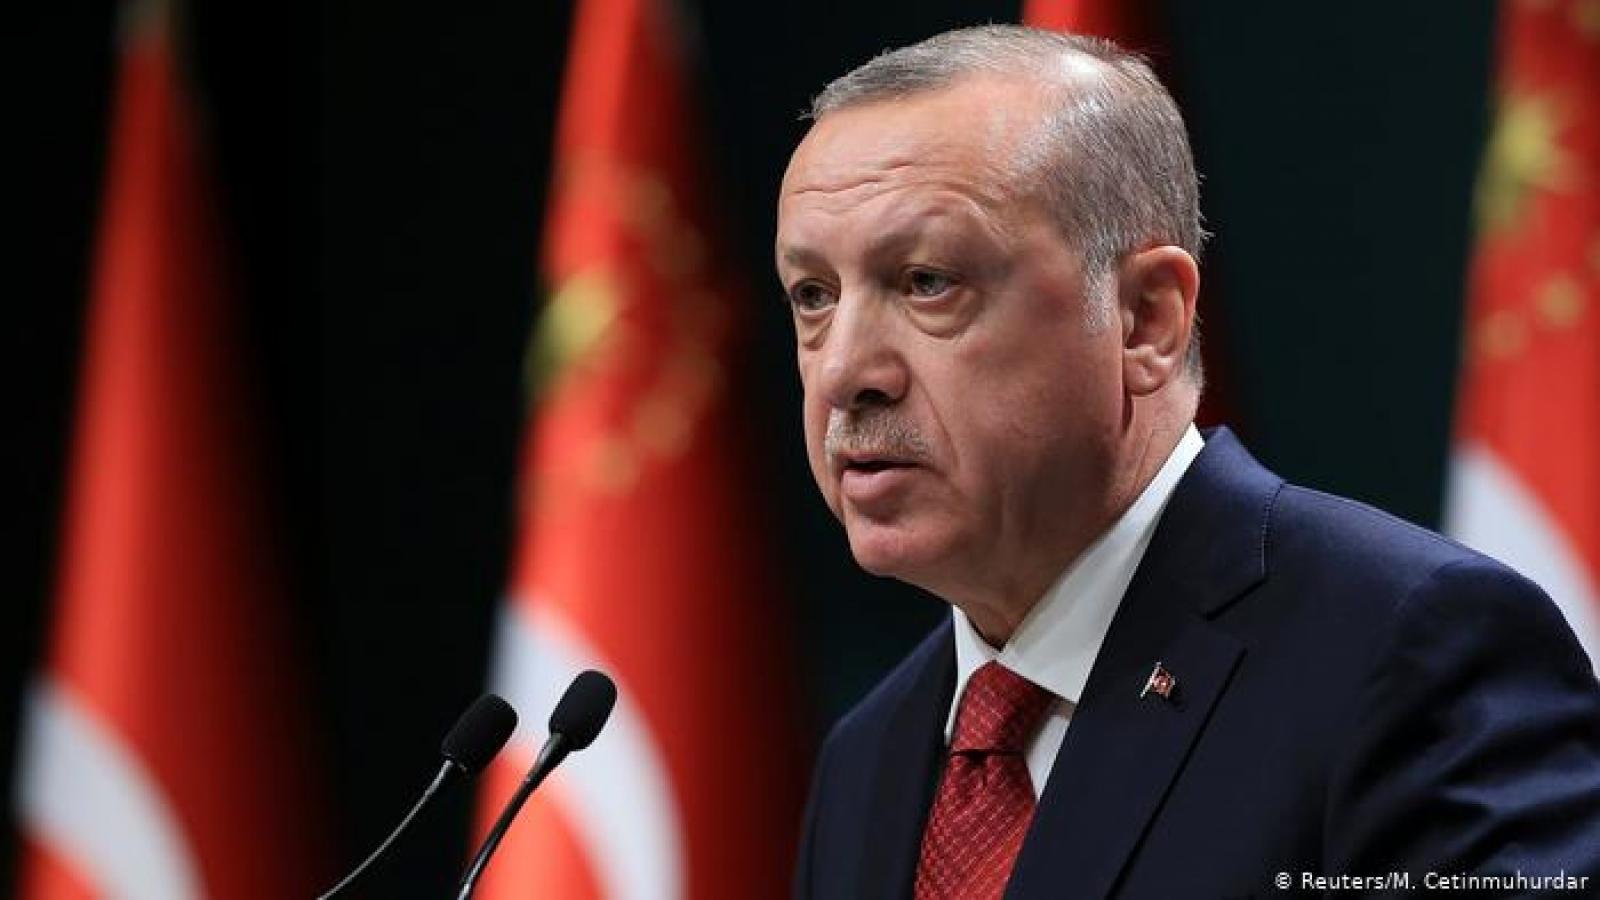 """Thổ Nhĩ Kỳ kêu gọi chấm dứt diễn biến """"đáng lo ngại"""" ở khu vực Donbass"""